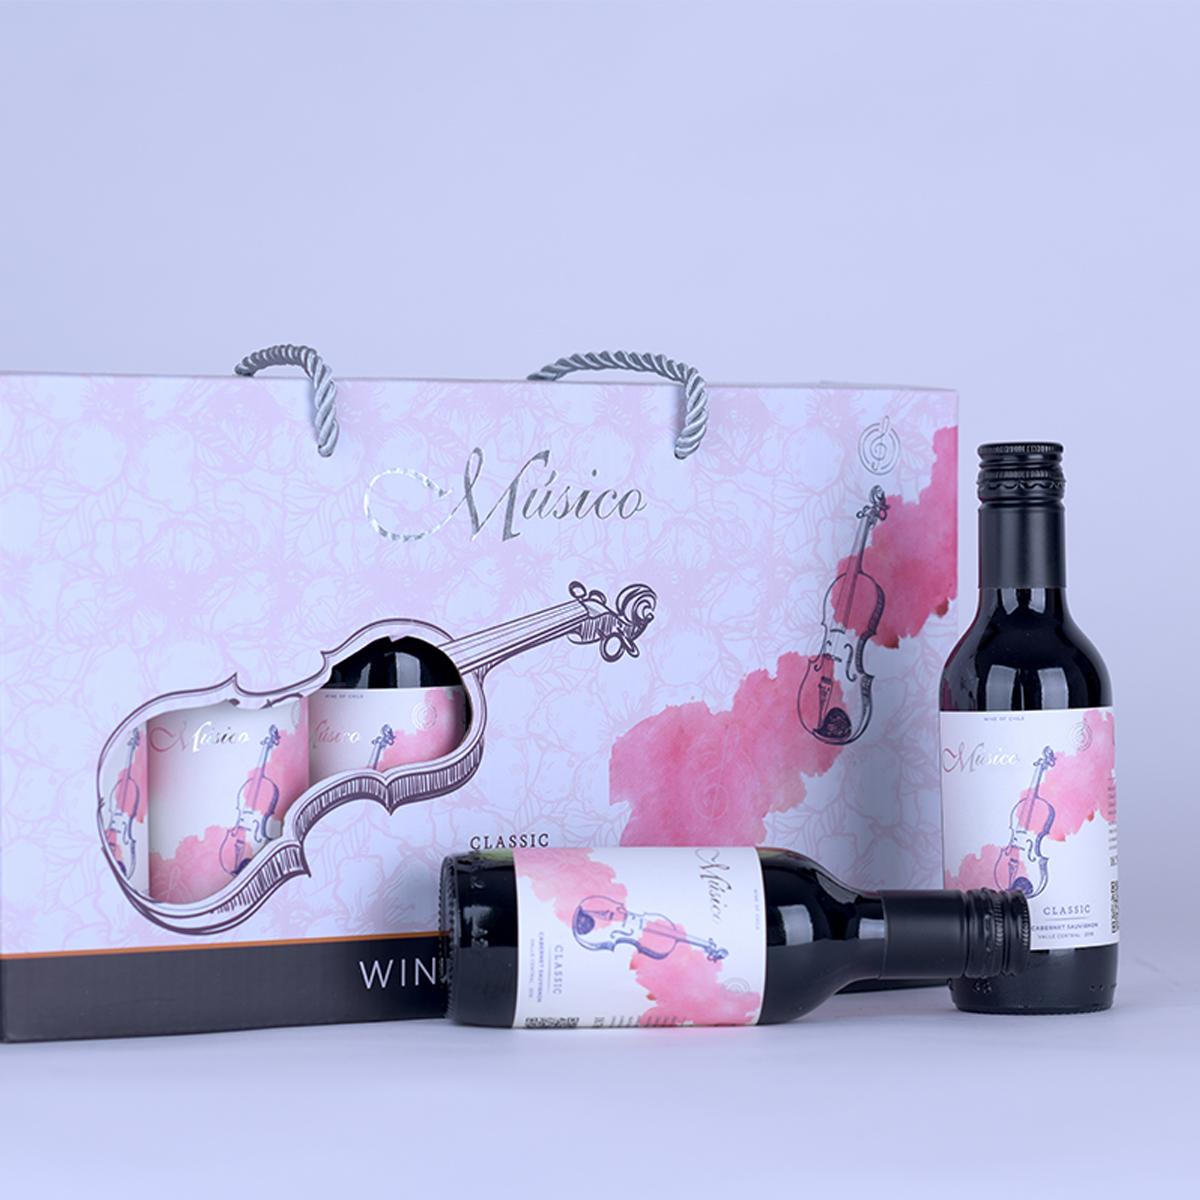 智利中央山谷Musico酒莊音樂家迷你小提琴赤霞珠紅葡萄酒